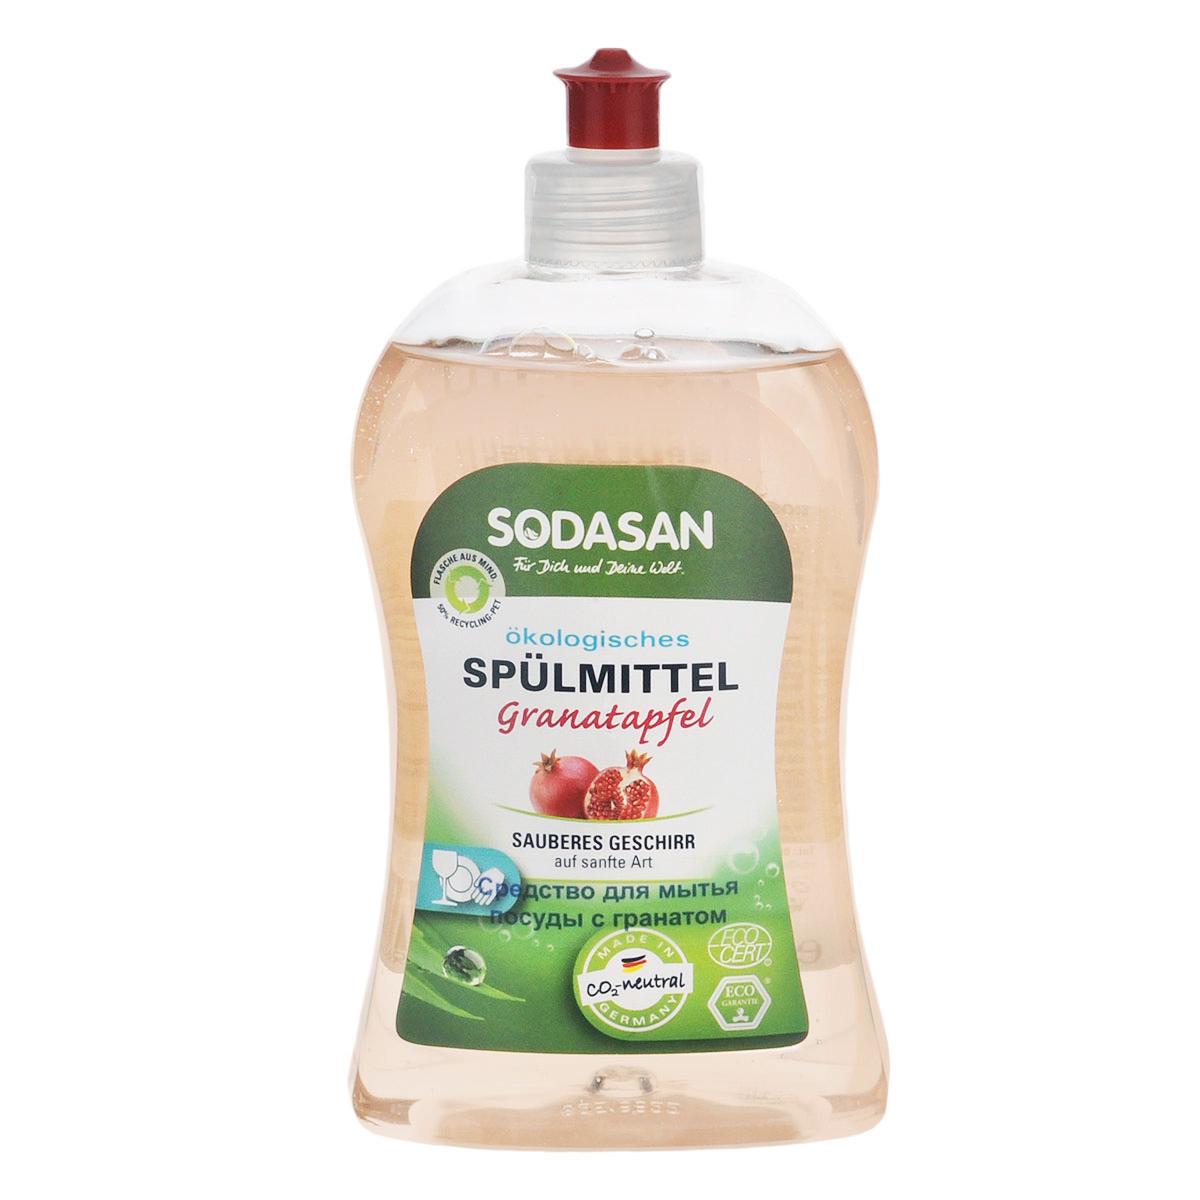 Жидкое средство Sodasan для мытья посуды, с запахом граната, 500 млHD-8000SXЖидкое средство-концентрат Sodasan качественно и безопасно моет посуду без лишних усилий. Быстро удаляет загрязнения и жир. Придает посуде блеск и не оставляет разводов.В состав входят только безопасные растительные ингредиенты органического происхождения.Специальная формула с гранатом защищает ваши руки от пересыхания и делает их мягкими на ощупь. Экономично в использовании. Характеристики:Объем: 500 мл. Артикул:2256. Товар сертифицирован.